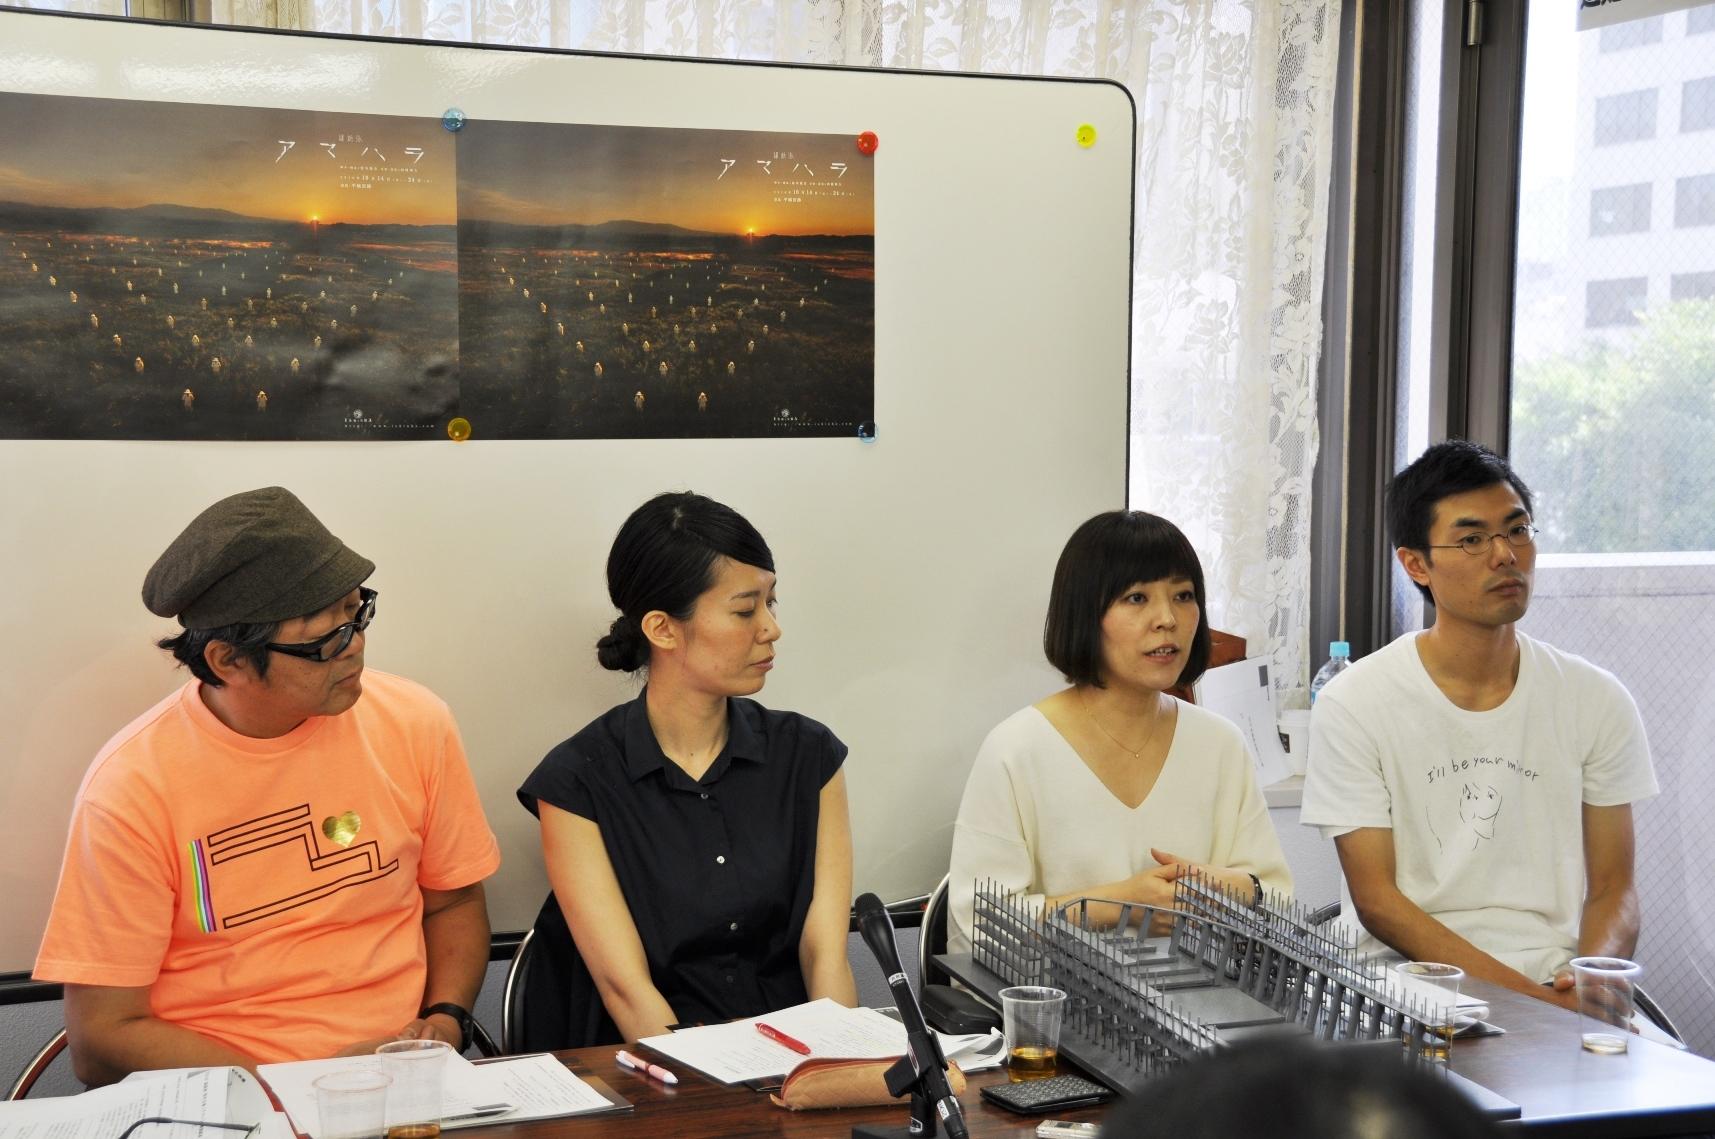 記者会見に出席したメンバー。(左より)内橋和久、山﨑佳奈子、平野舞、金子仁司